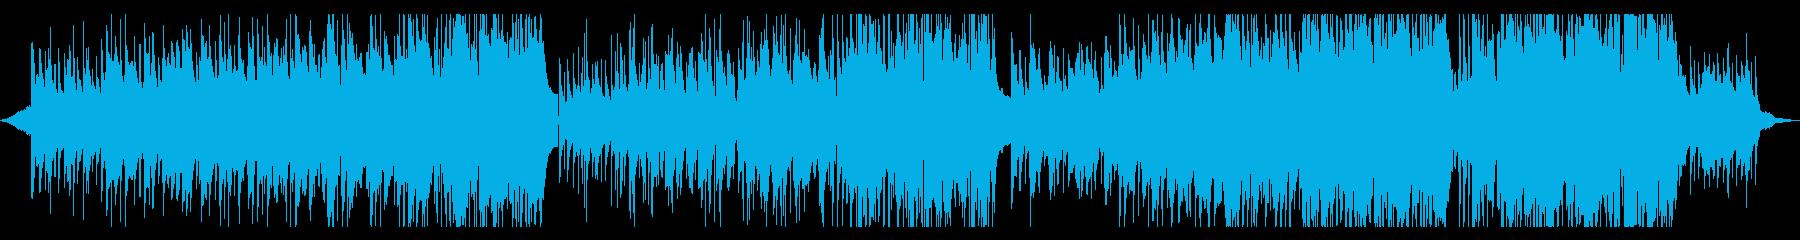 インストゥルメンタルサックスのメロ...の再生済みの波形